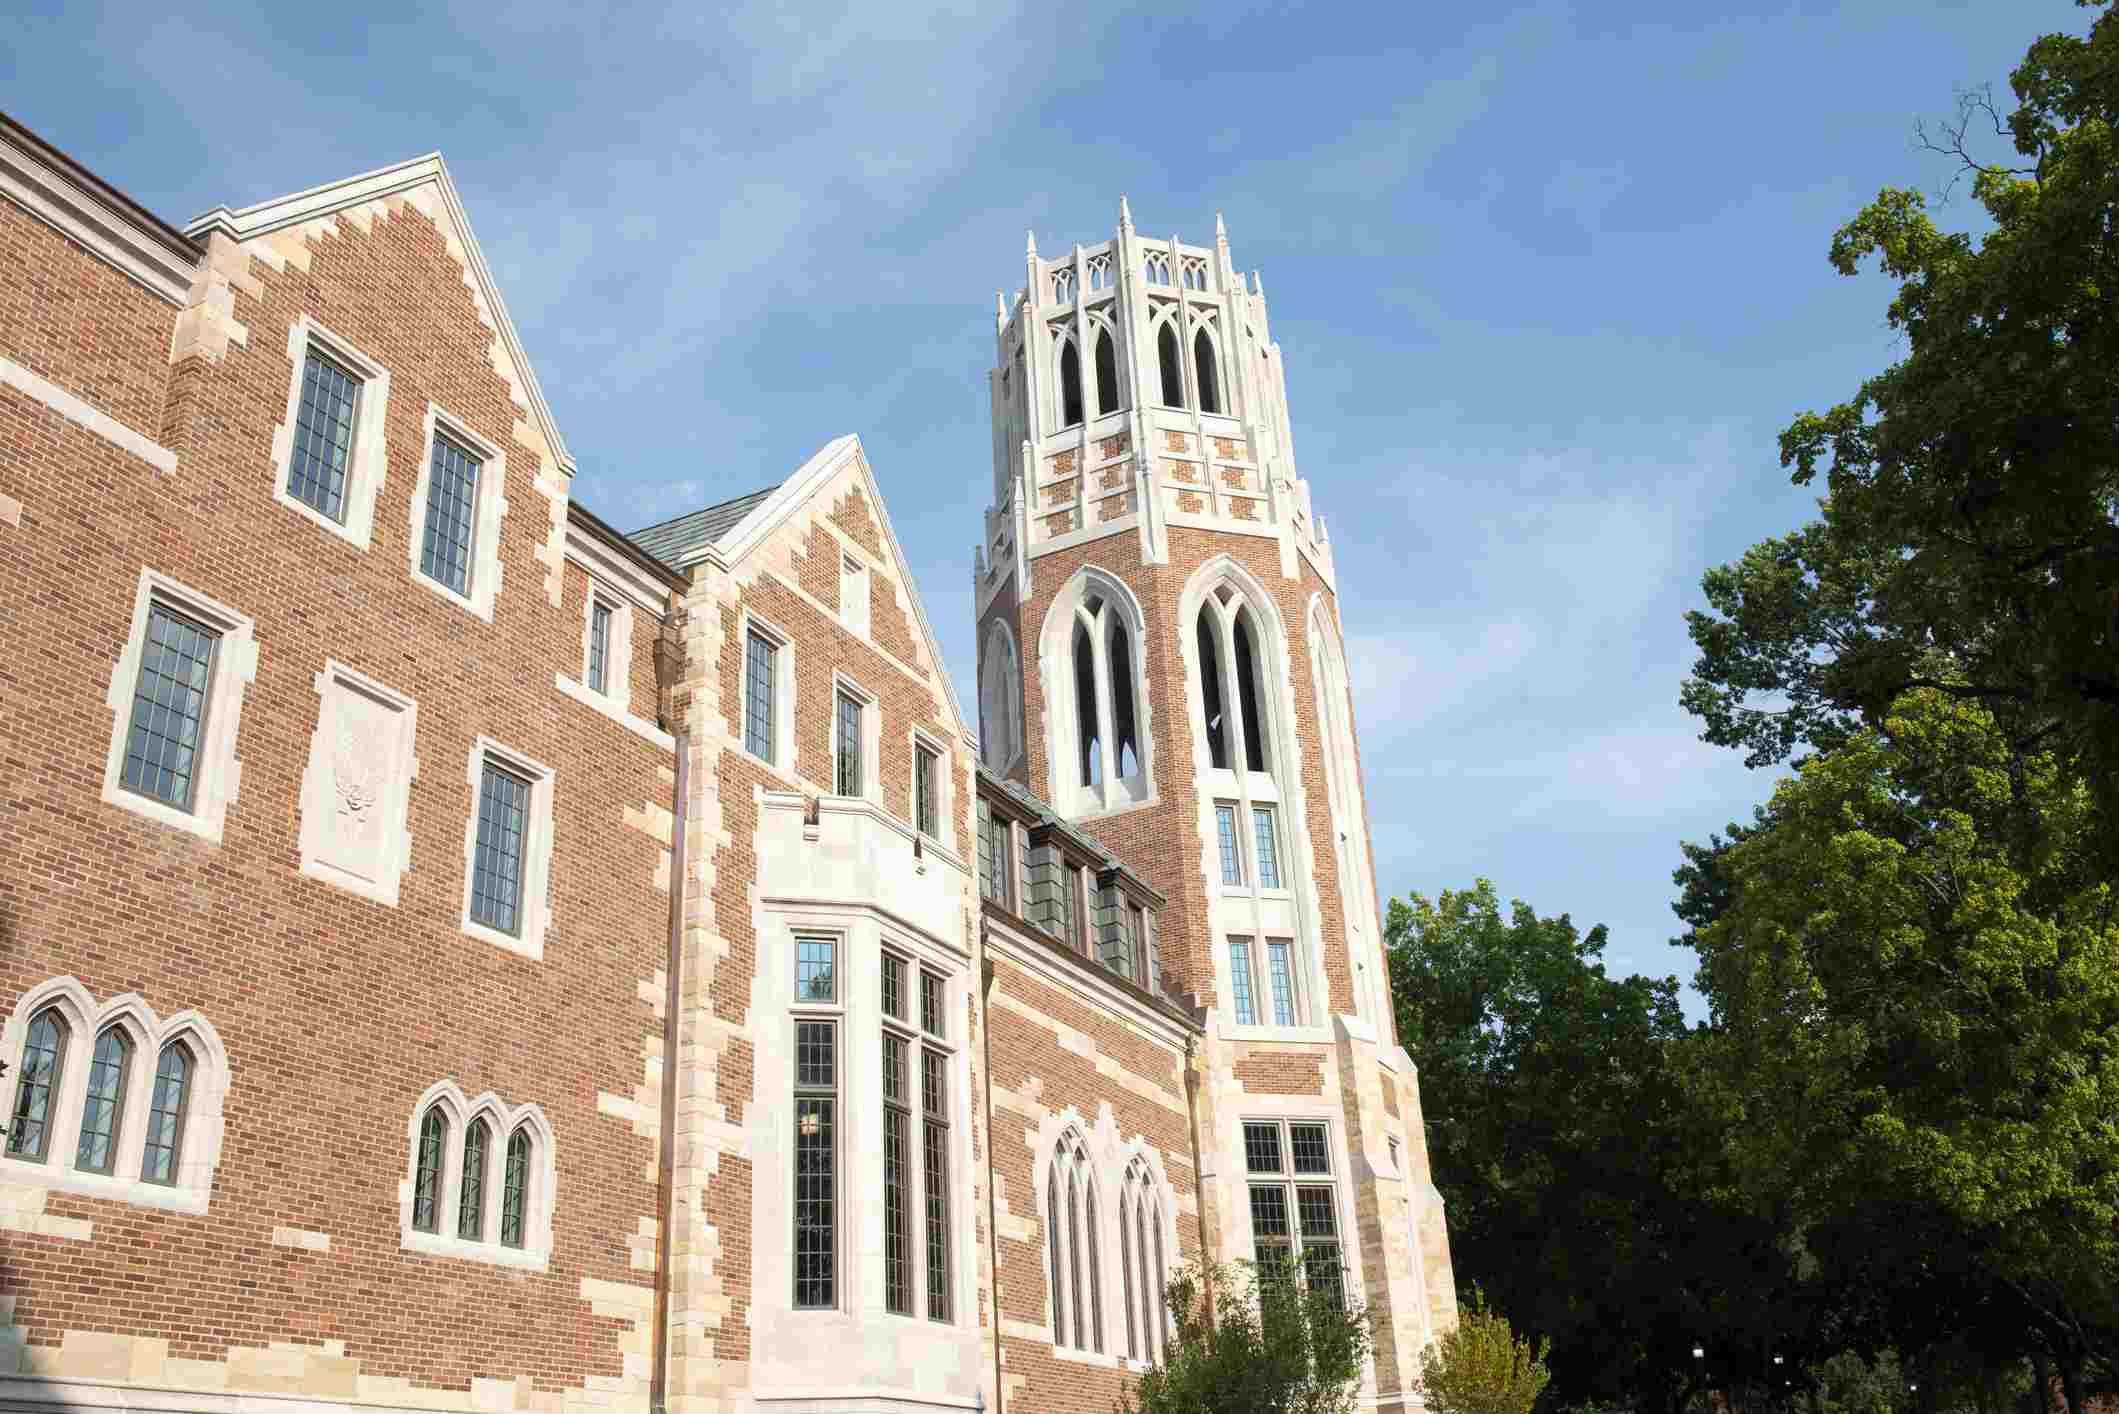 το κρατικό πανεπιστήμιο της Ιντιάνα χρονολογείται